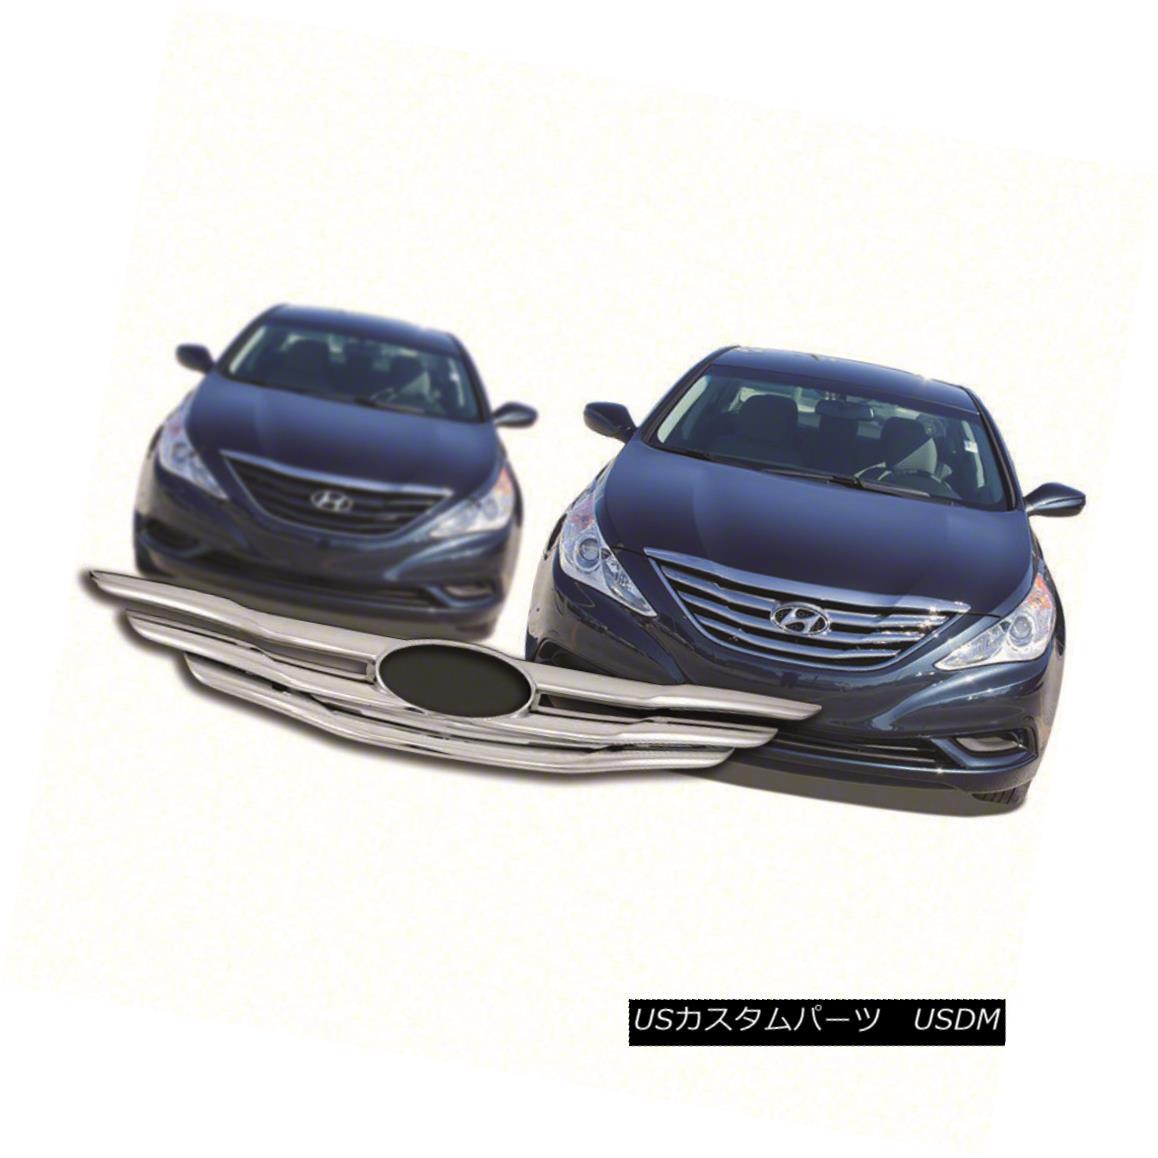 グリル Fits 2011-12 Hyundai Sonata-IWCGI97-Chrome Grille Overlay フィット2011-12現代ソナタ-IWCGI97  - クロムグリルオーバーレイ